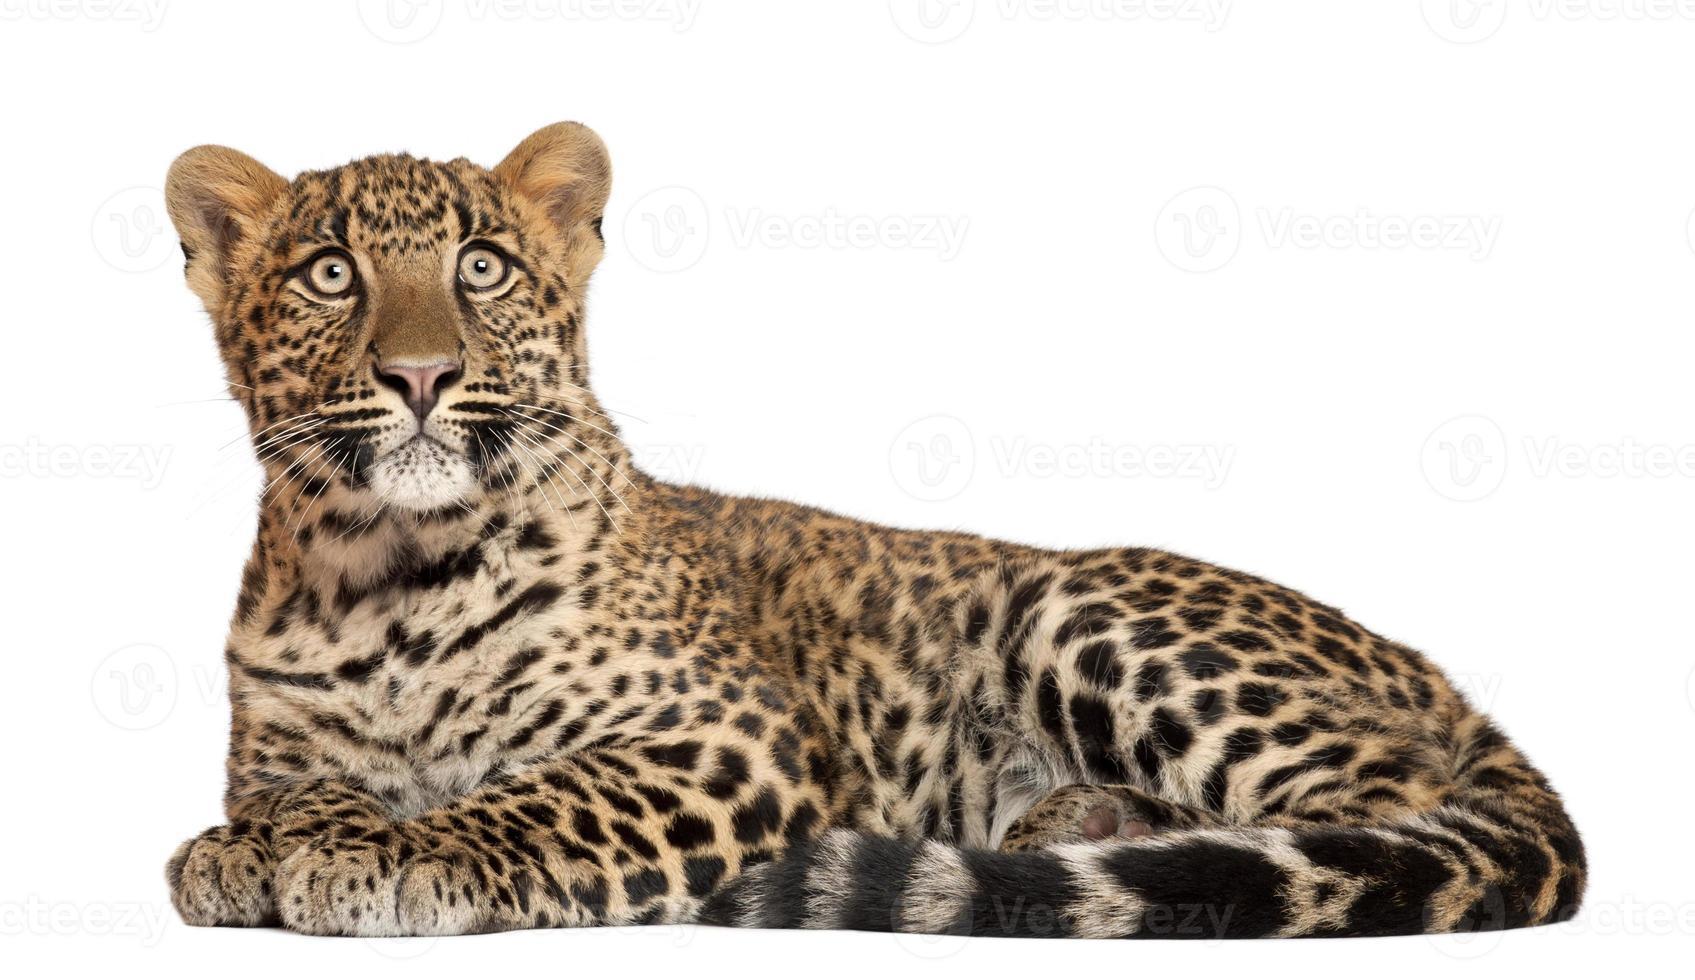 leopardo, panthera pardus acostado isoltaed en blanco foto